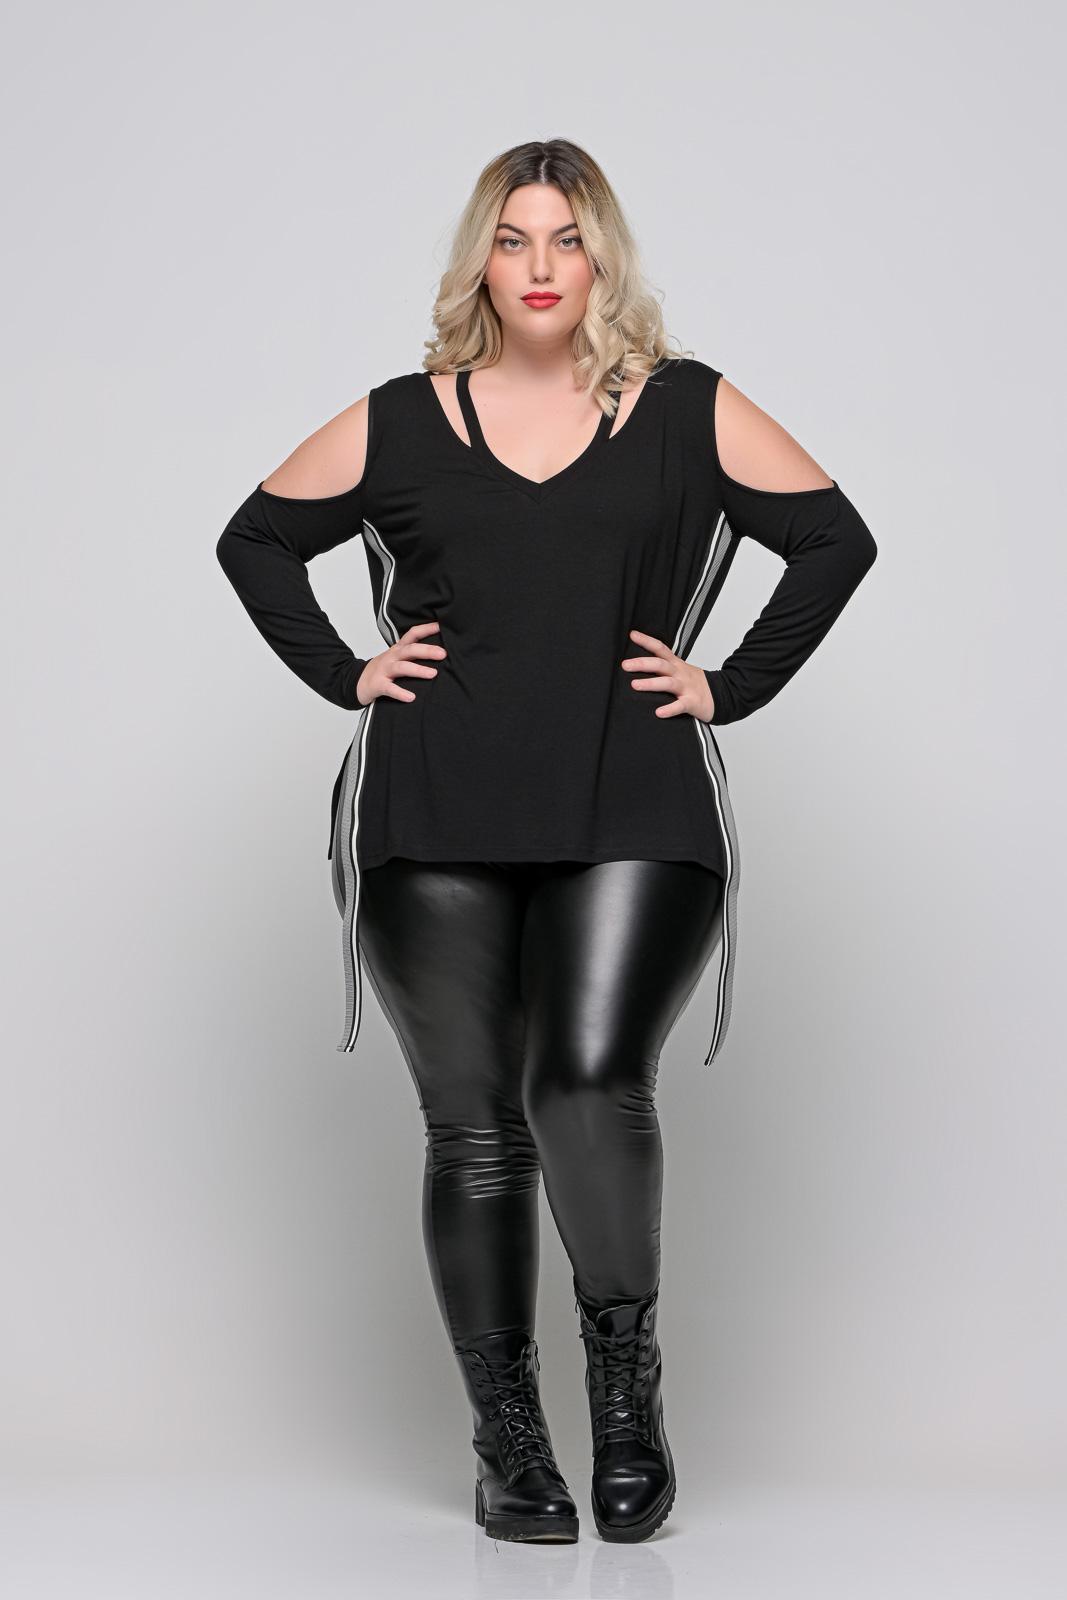 Μπλούζα μεγάλα μεγέθη βισκόζ με βαθύ ντεκολτέ και λωρίδα στο πλάι.Στο eshop μας θα βρείτε οικονομικά γυναίκεια ρούχα σε μεγάλα μεγέθη και υπερμεγέθη.